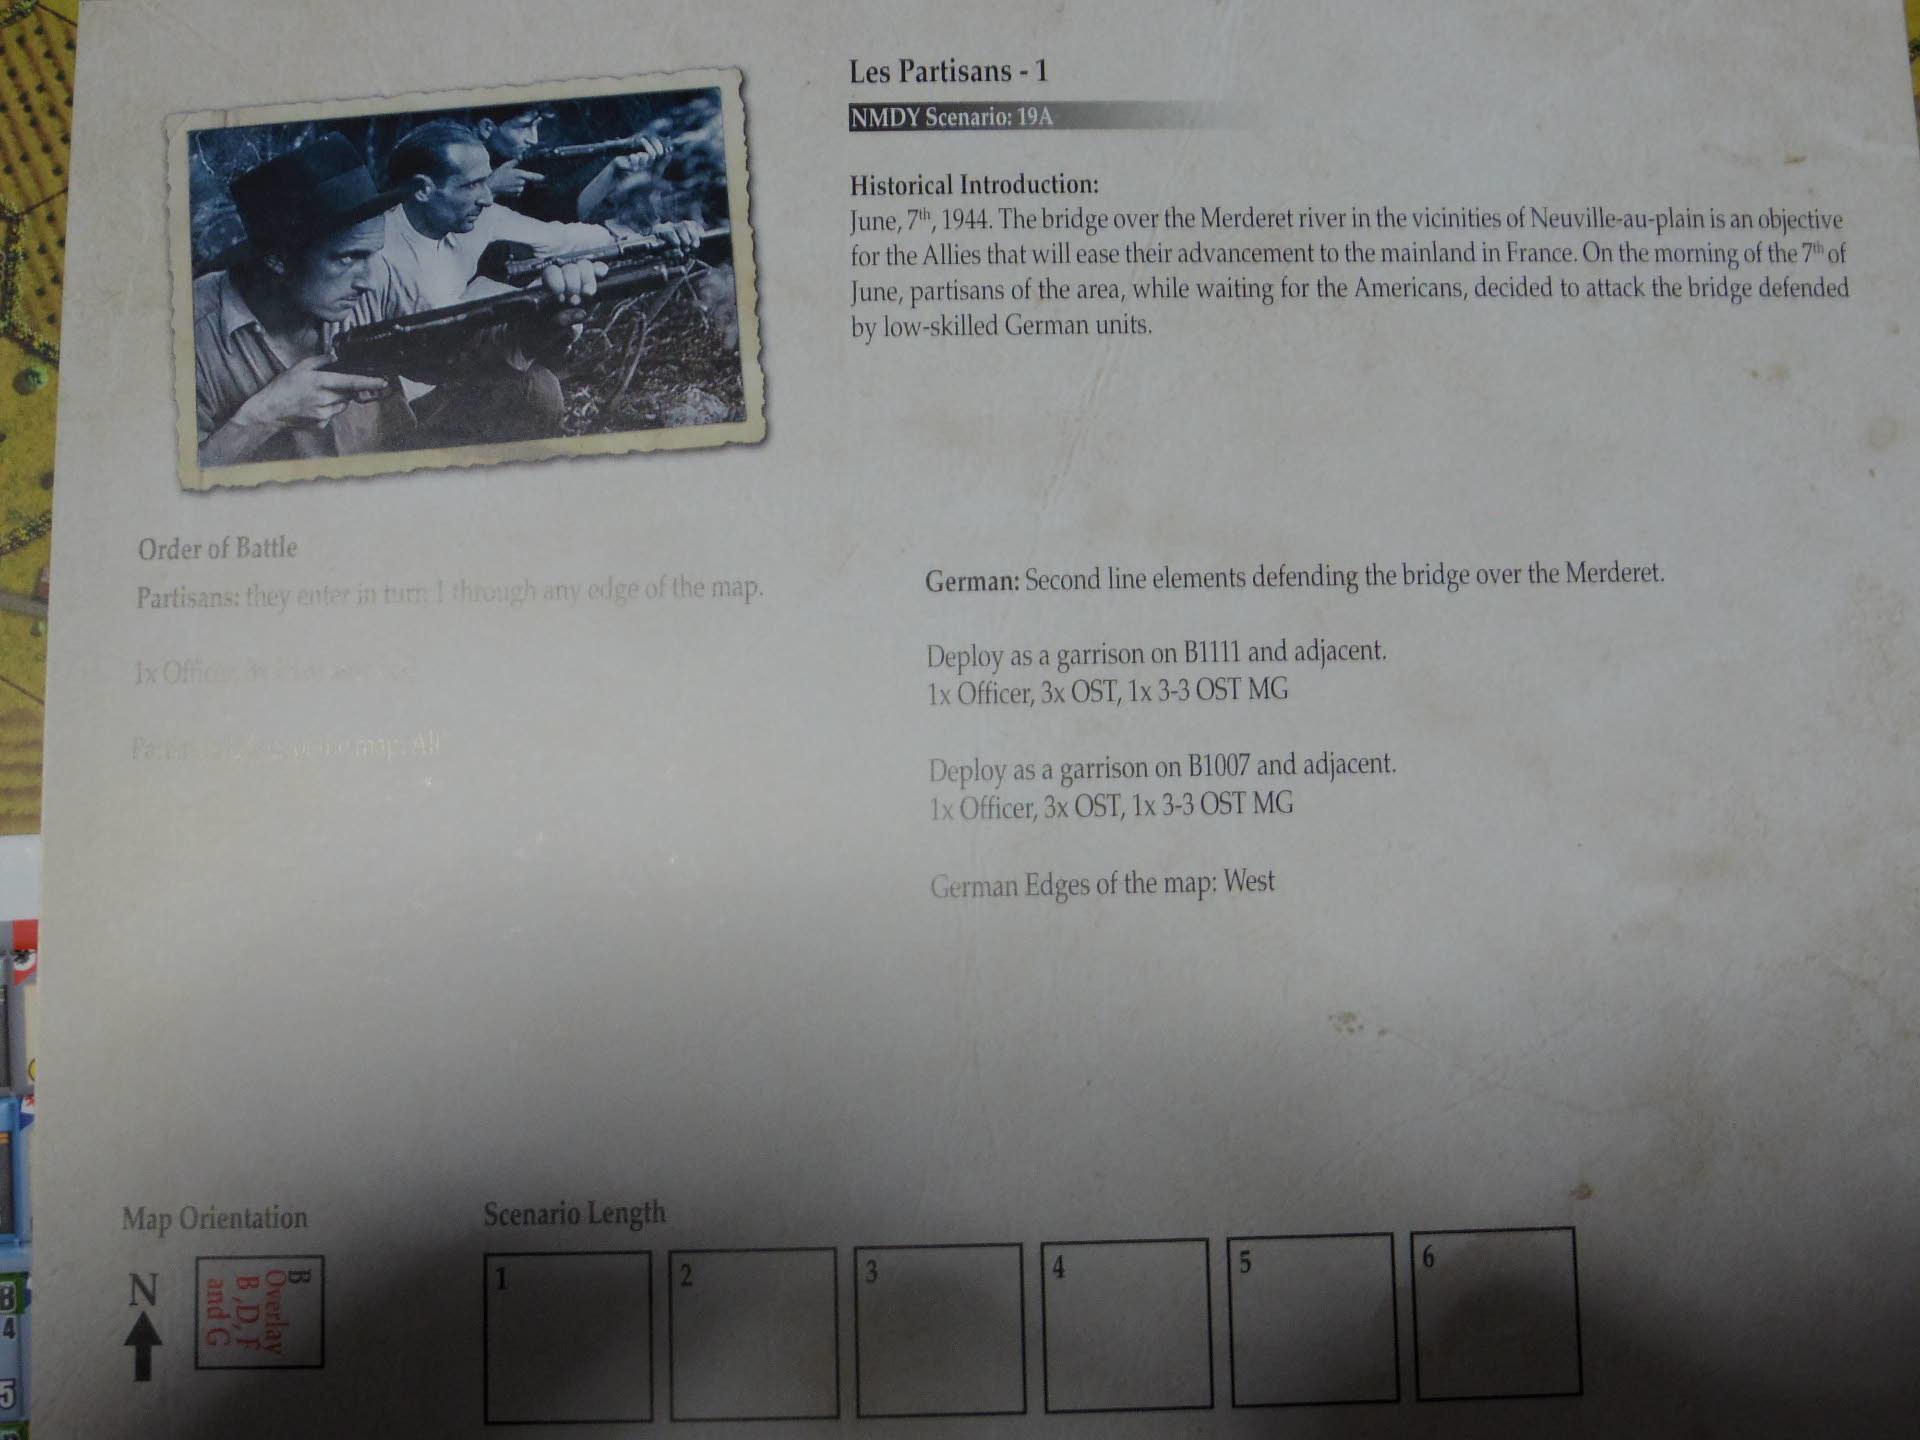 俺をそんなに喜ばすやつがあるか!! (Draco Ideas)Normandy:The Beginning of the Endの初期出資者特典シナリオ「レジスタンス1、2」の為のオスト大隊ユニット_b0173672_22305863.jpg